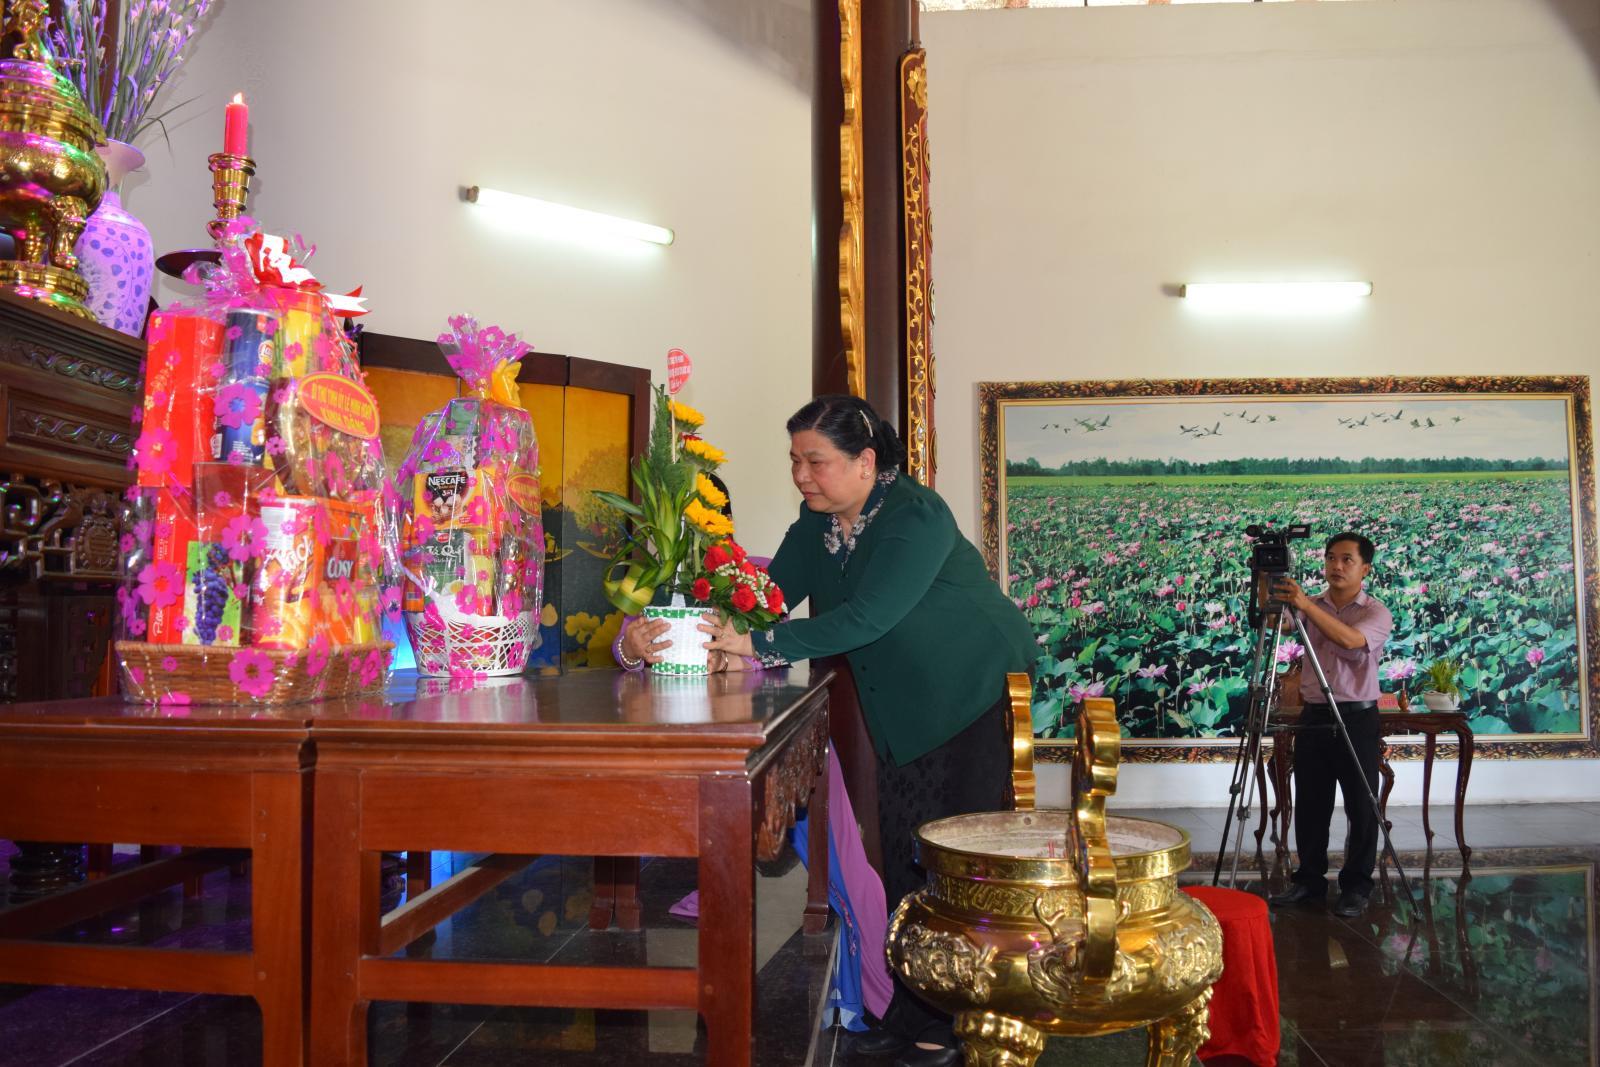 Phó Chủ tịch Quốc hội – Tòng Thị Phóng viếng Khu di tích Nguyễn Sinh Sắc